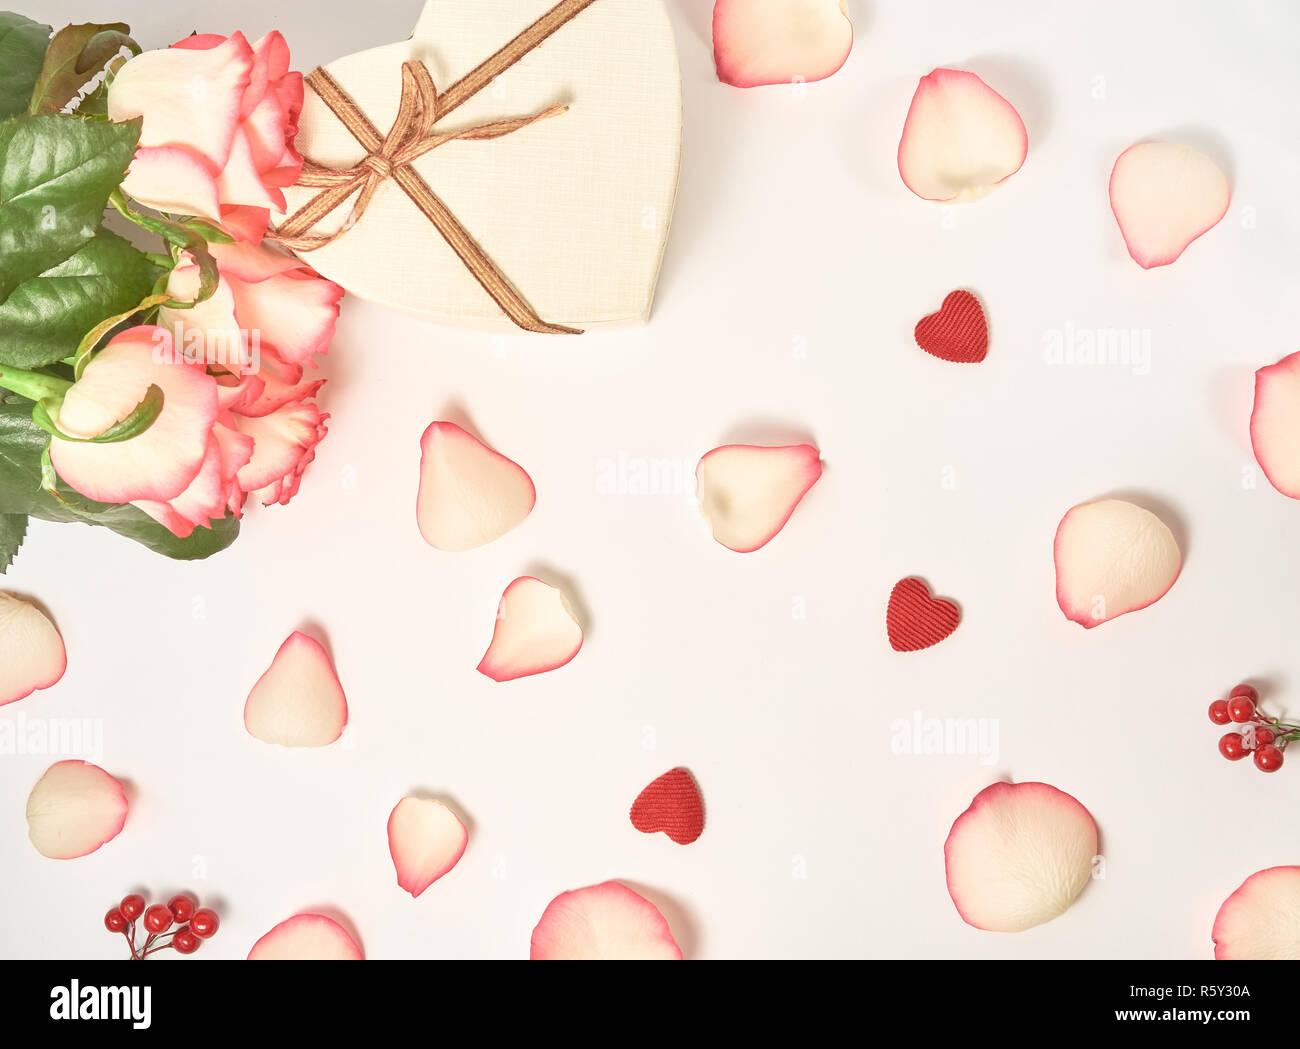 Fleur Rose Fête Anglais Composition Sur Le Fond Blanc Haut